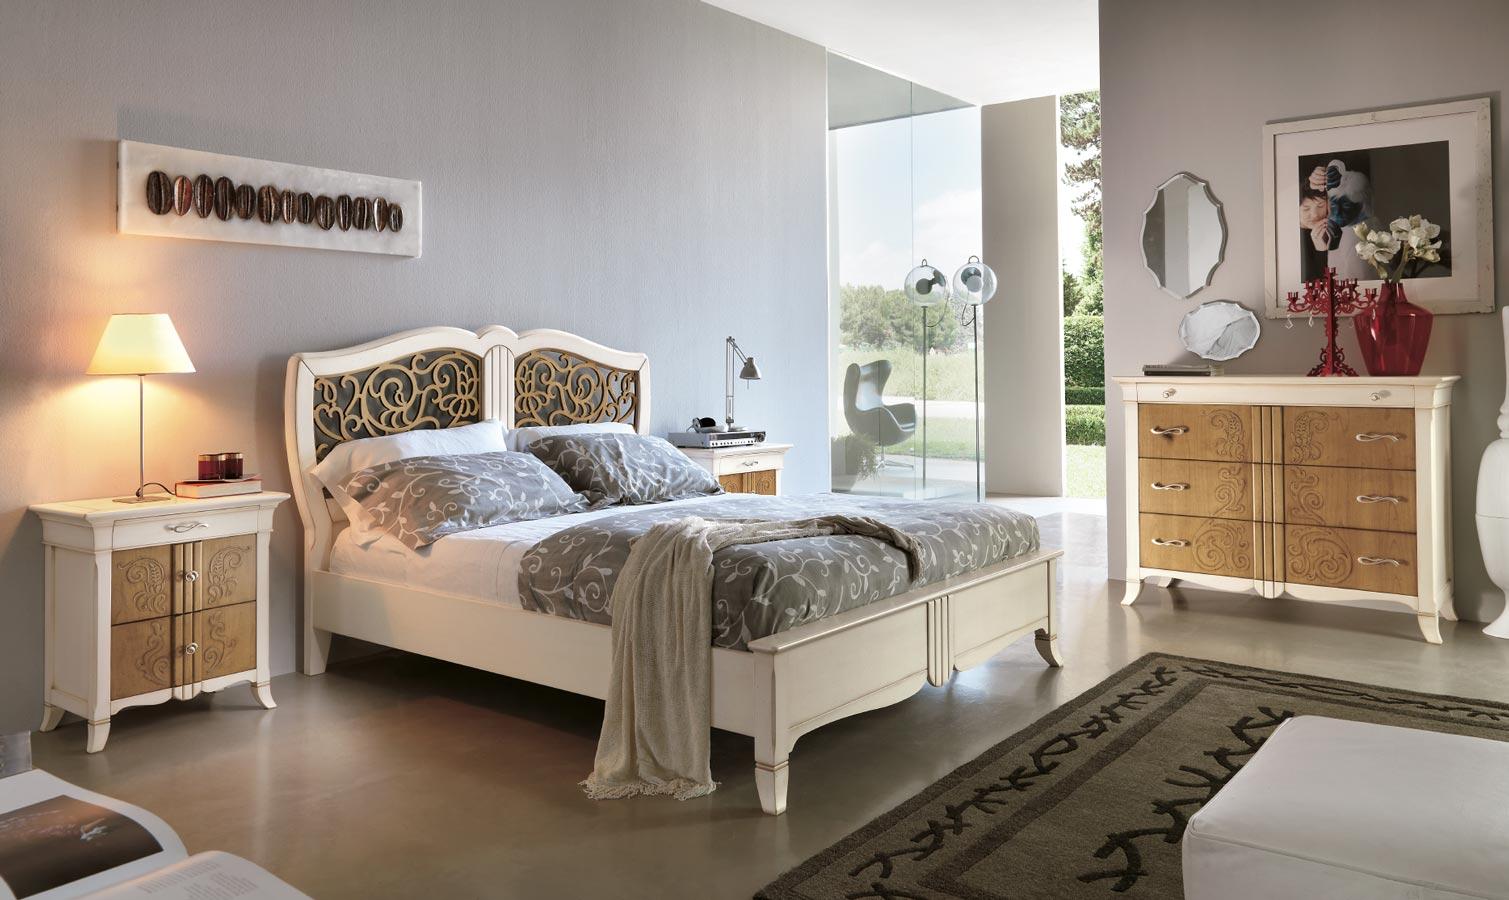 Резная кровать в стиле прованс